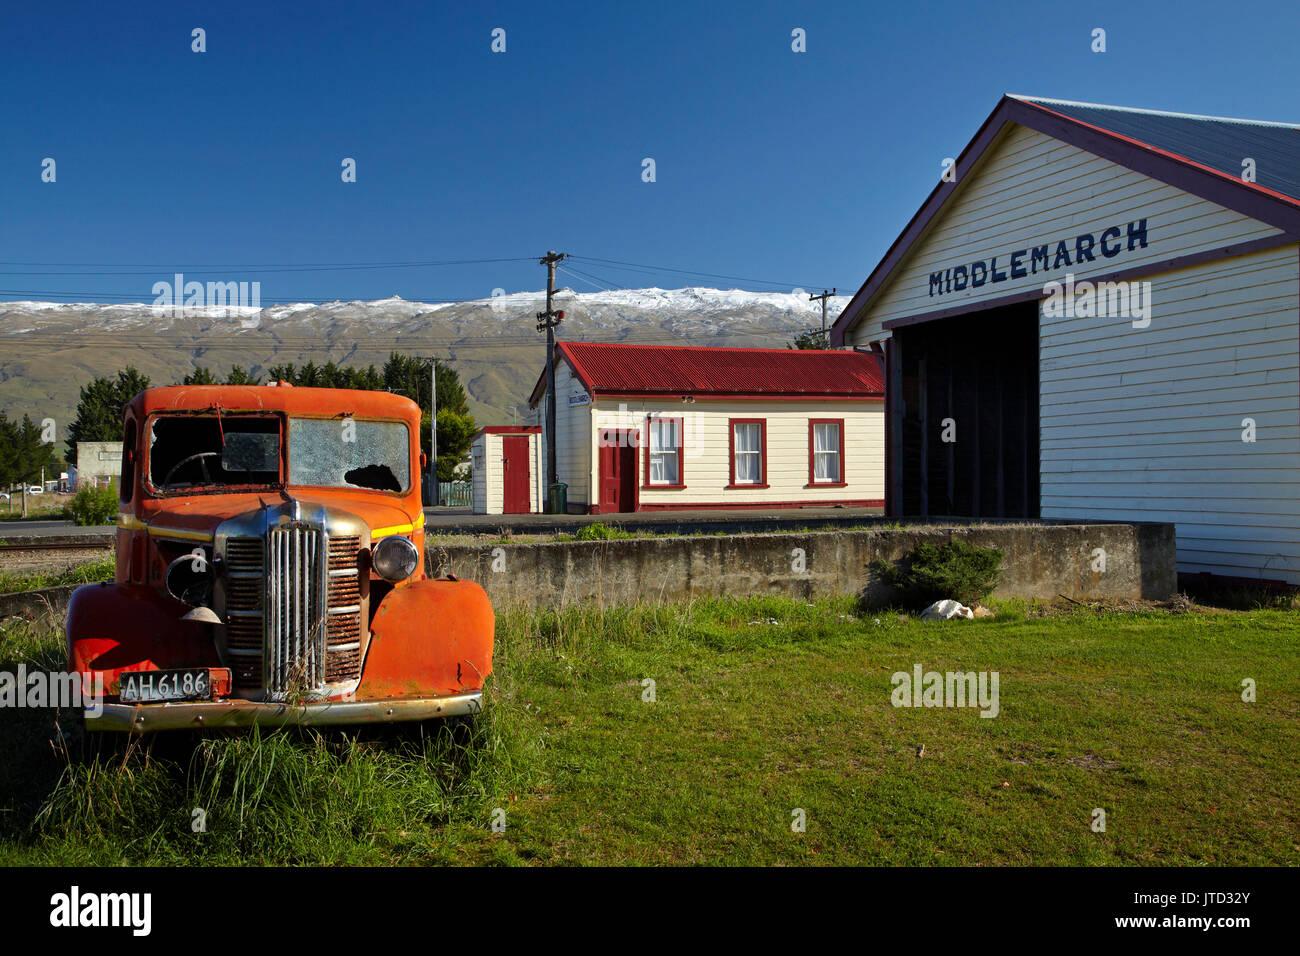 Vintage Austin Lkw und Middlemarch Bahnhof, Strath Taieri, Otago, Südinsel, Neuseeland Stockbild